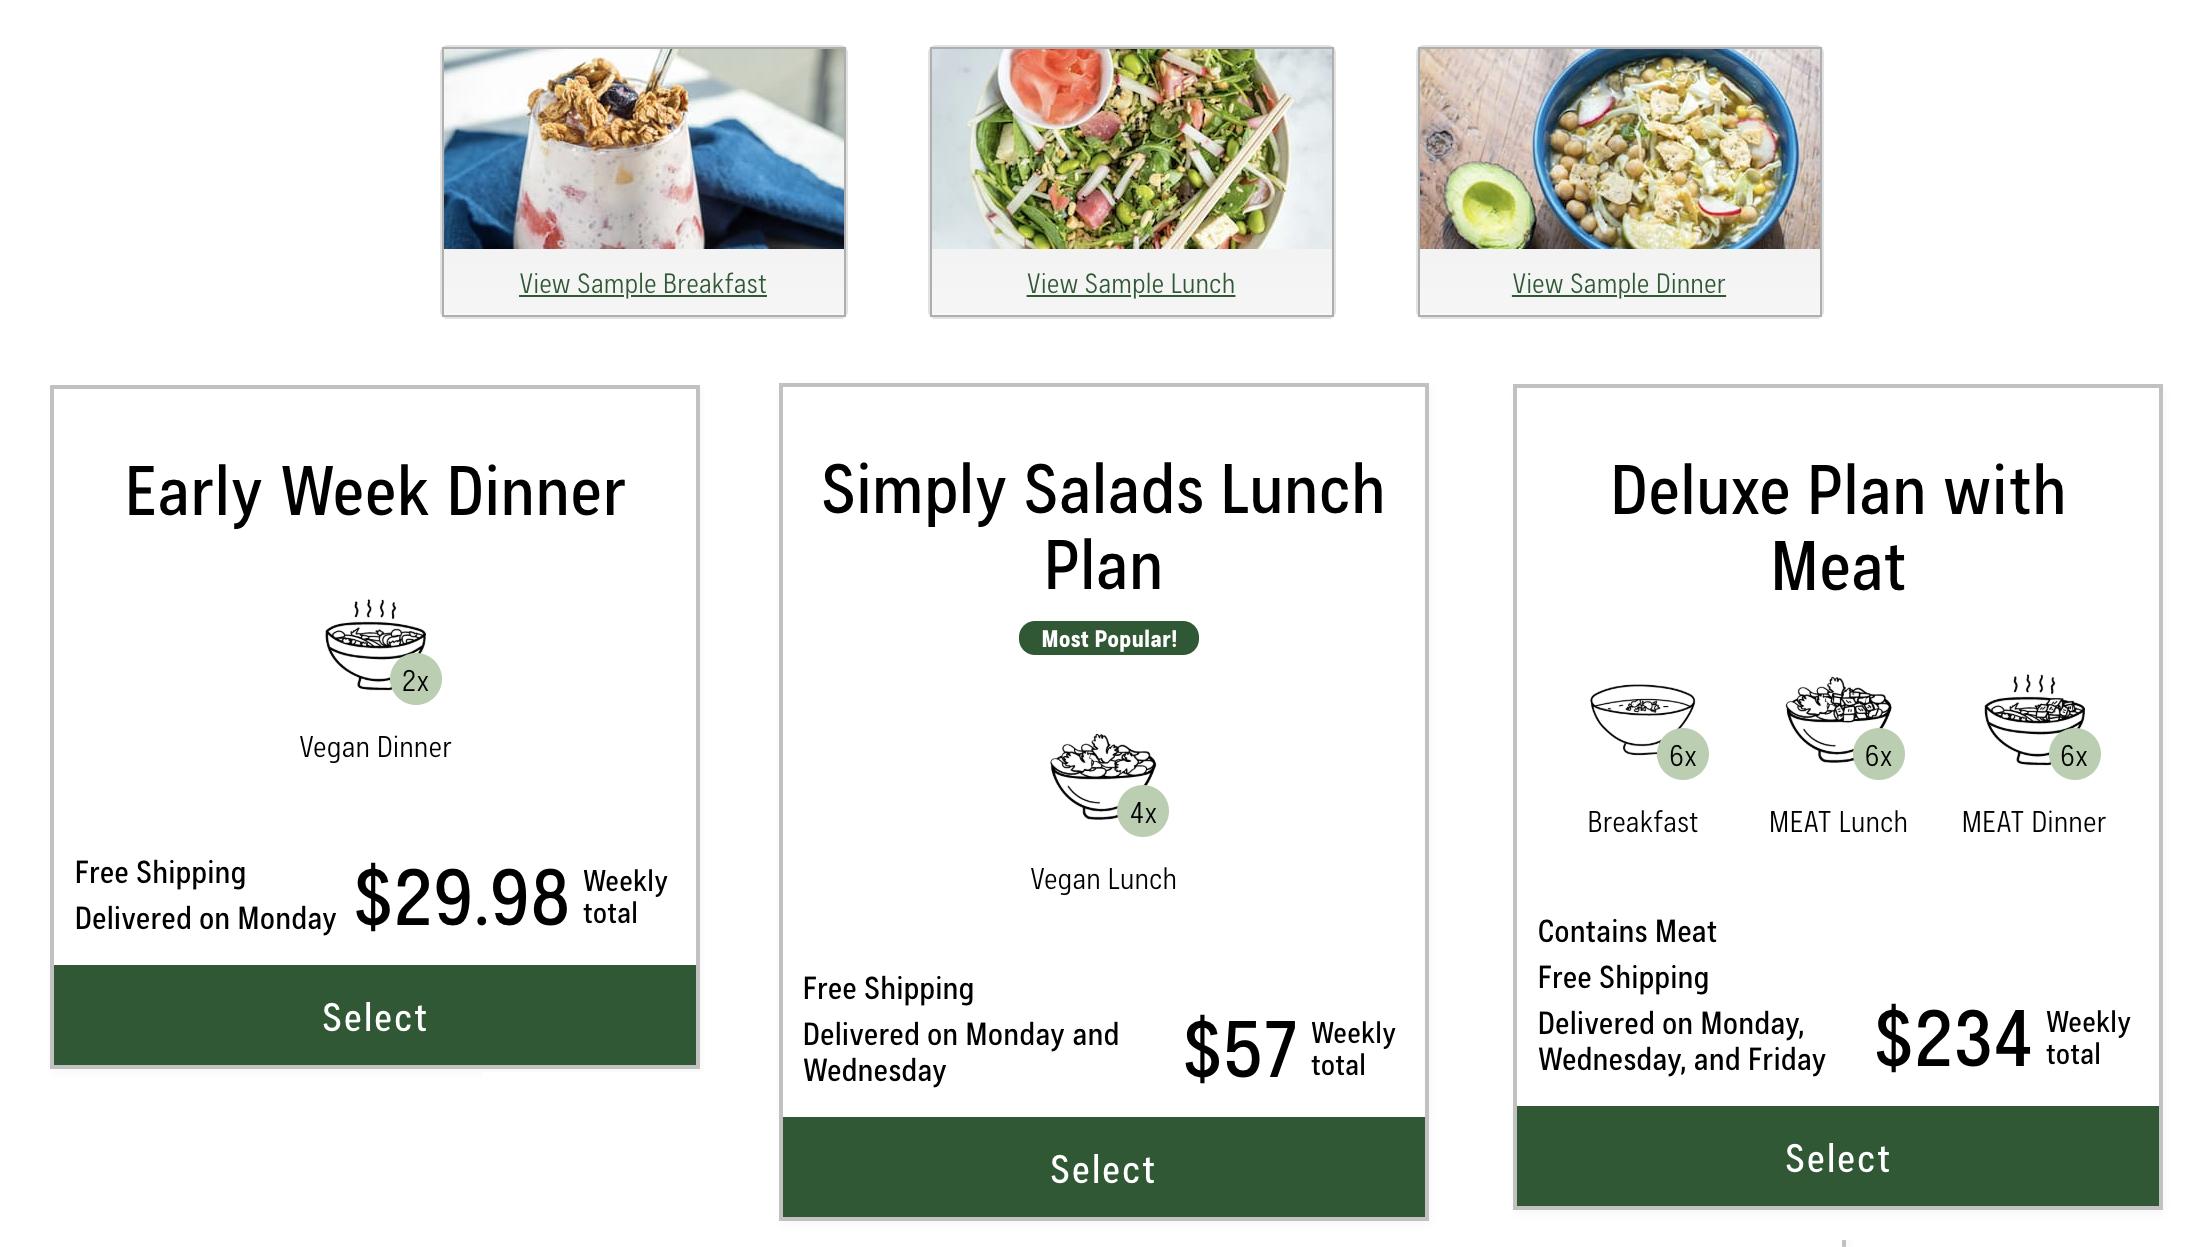 El piloto automático de dieta Thistle recauda $ 5 millones para suscripciones de alimentos saludables 5